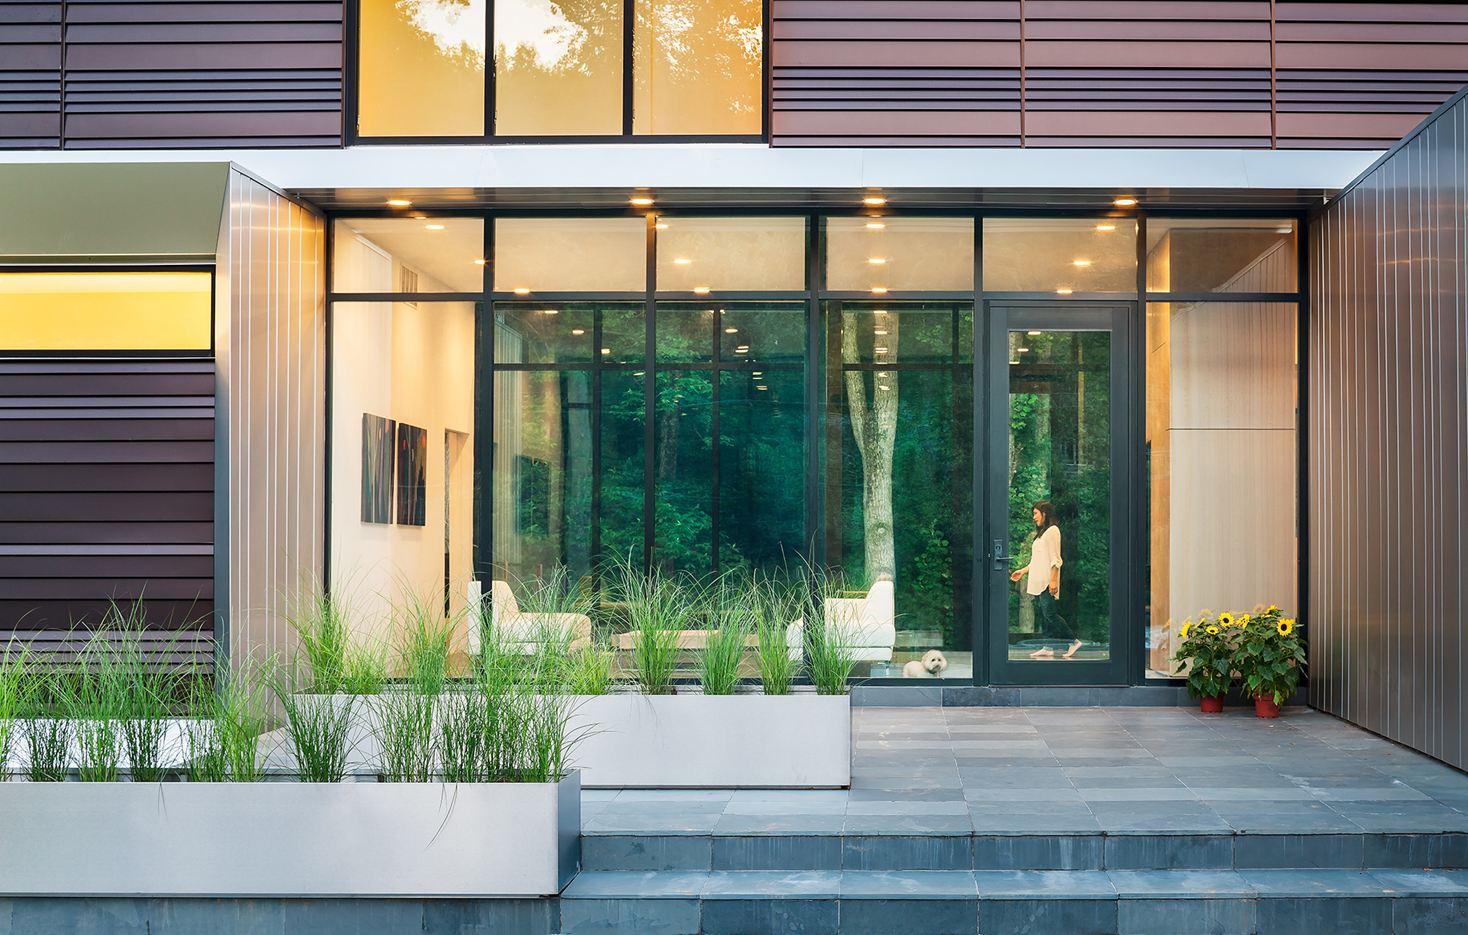 Bridge House in McLean, Virginia by Höweler + Yoon Architecture